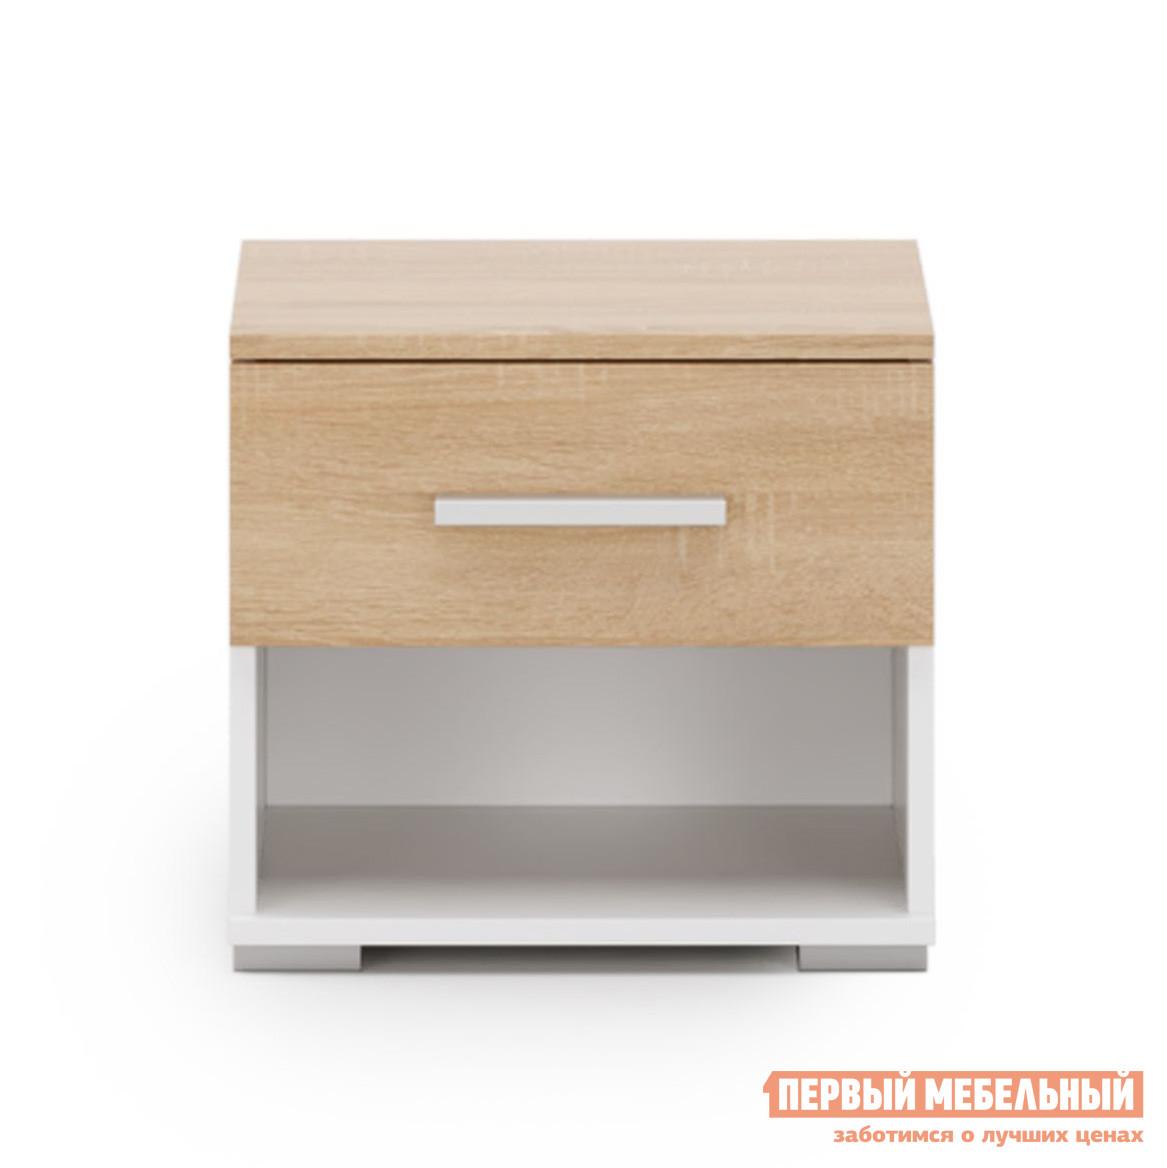 Прикроватная тумбочка Первый Мебельный Тумба Даллас w5w 5w standart 2 шт osram